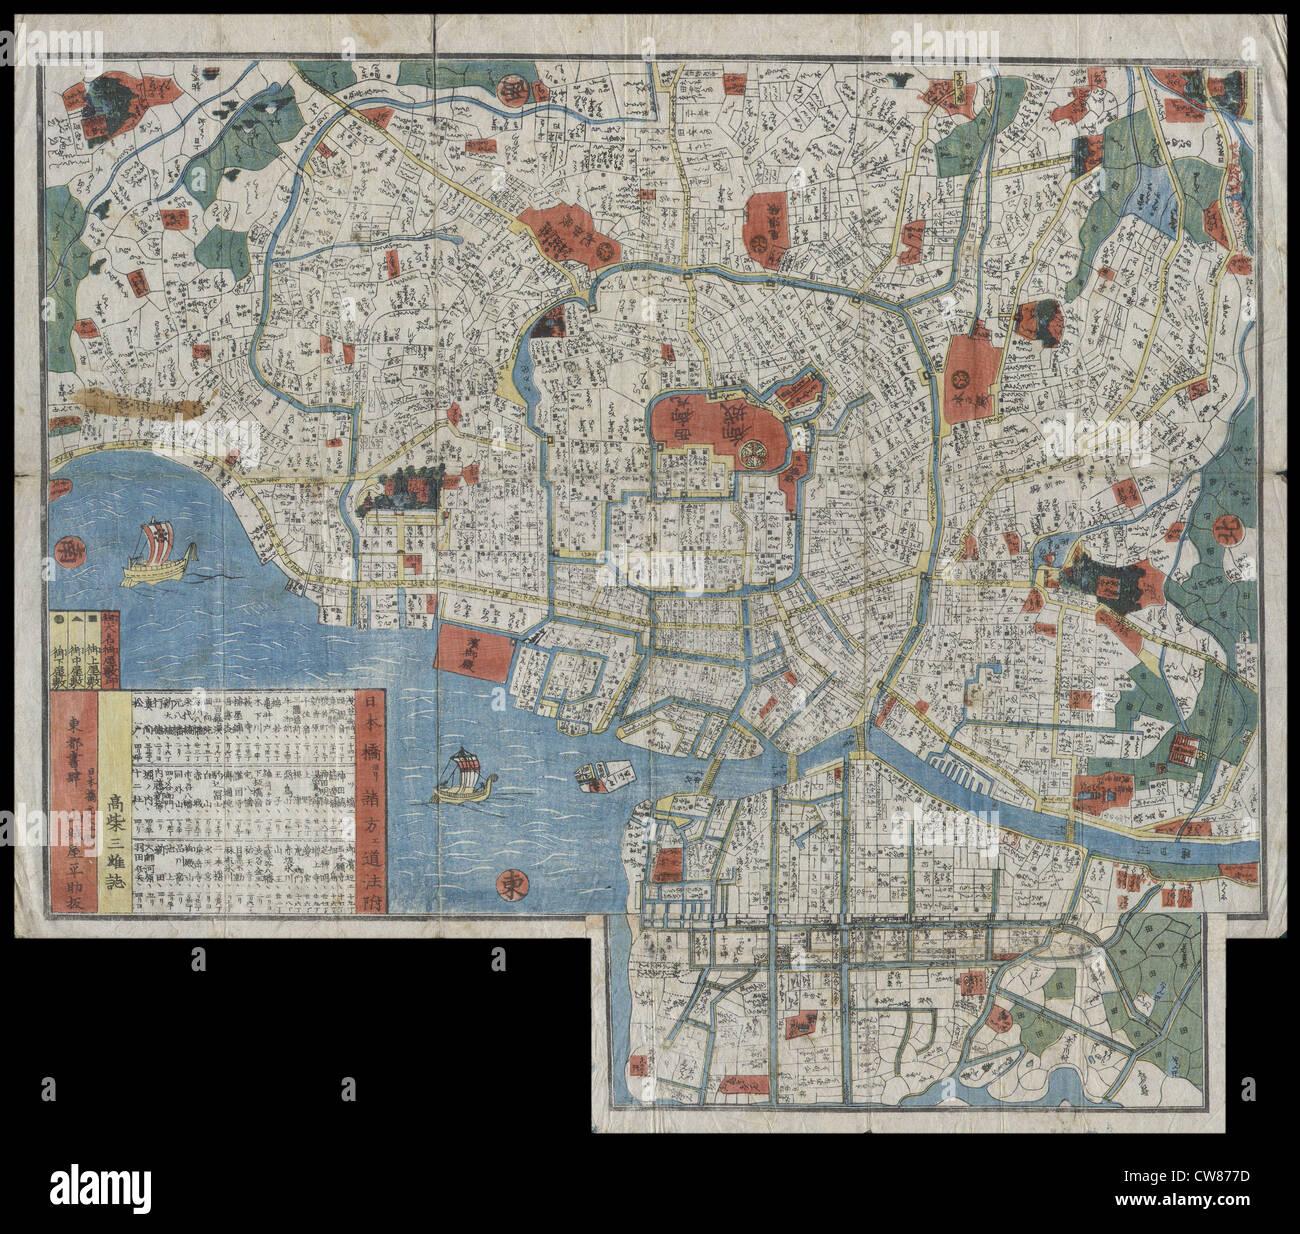 1850 Período Edo Xilogravura Mapa de Edo ou Tóquio, Japão Imagens de Stock